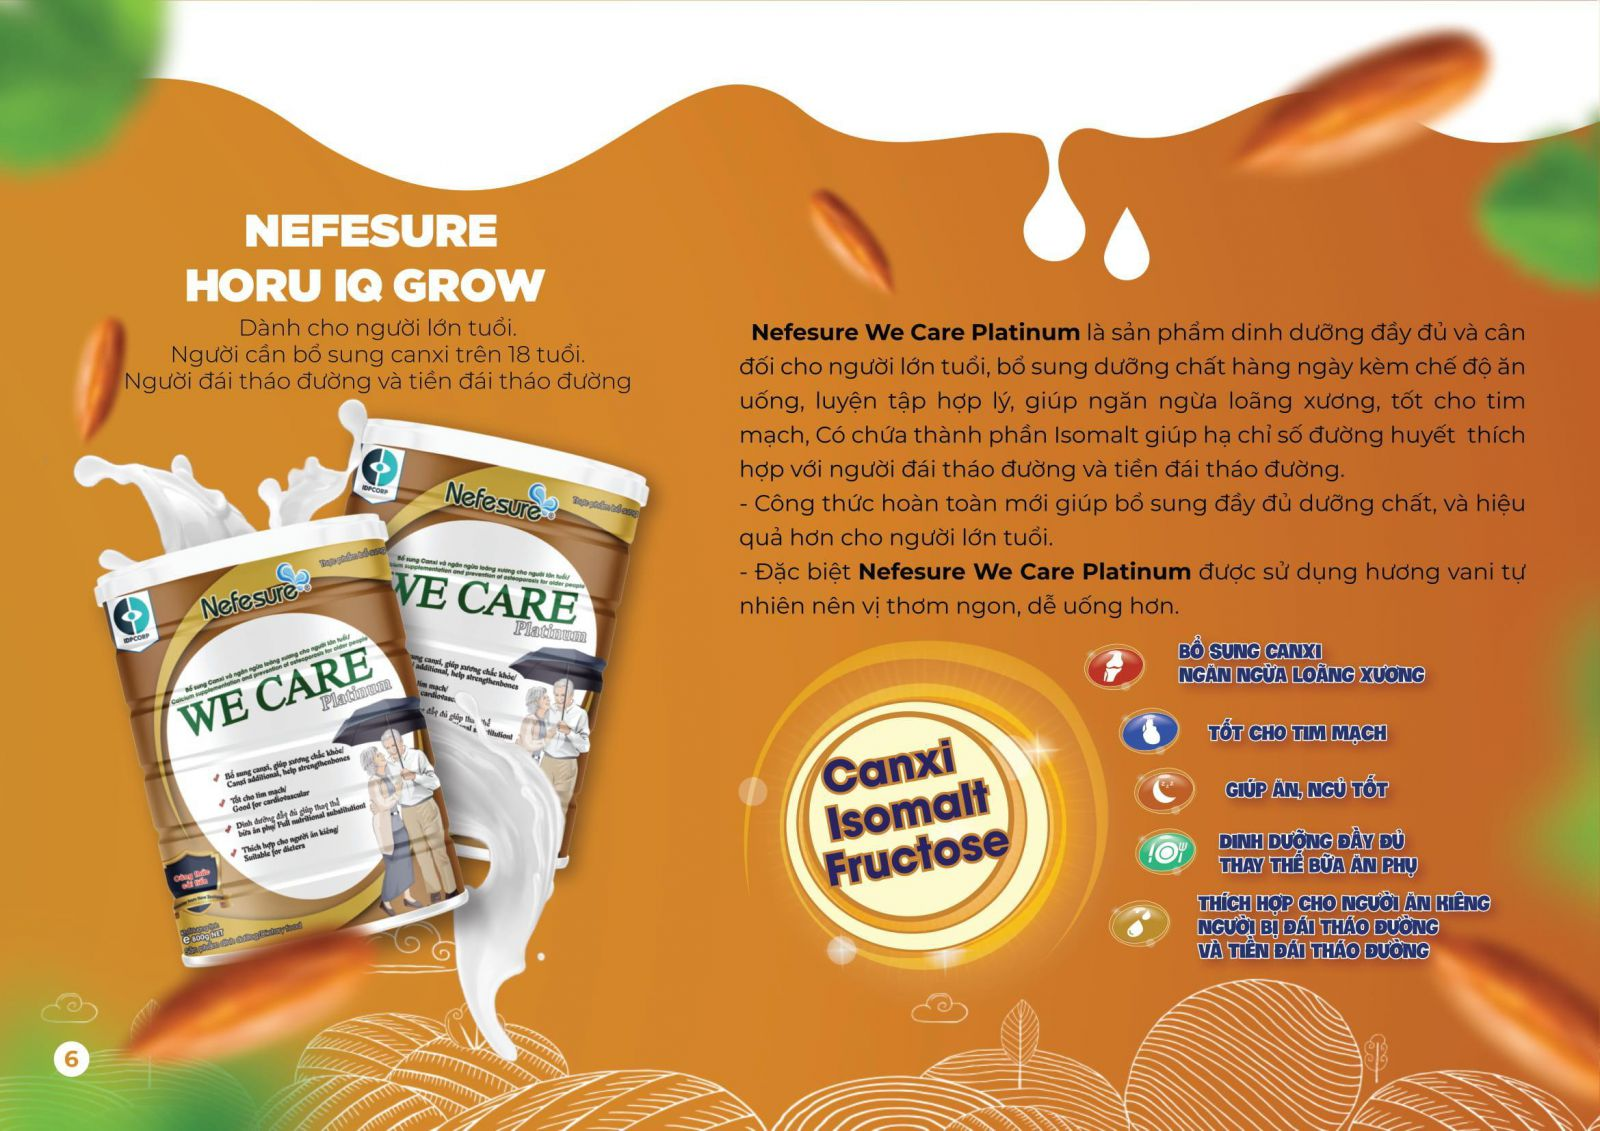 Sữa bột dành cho người già, người cao tuổi | Nefesure We Care Platinum